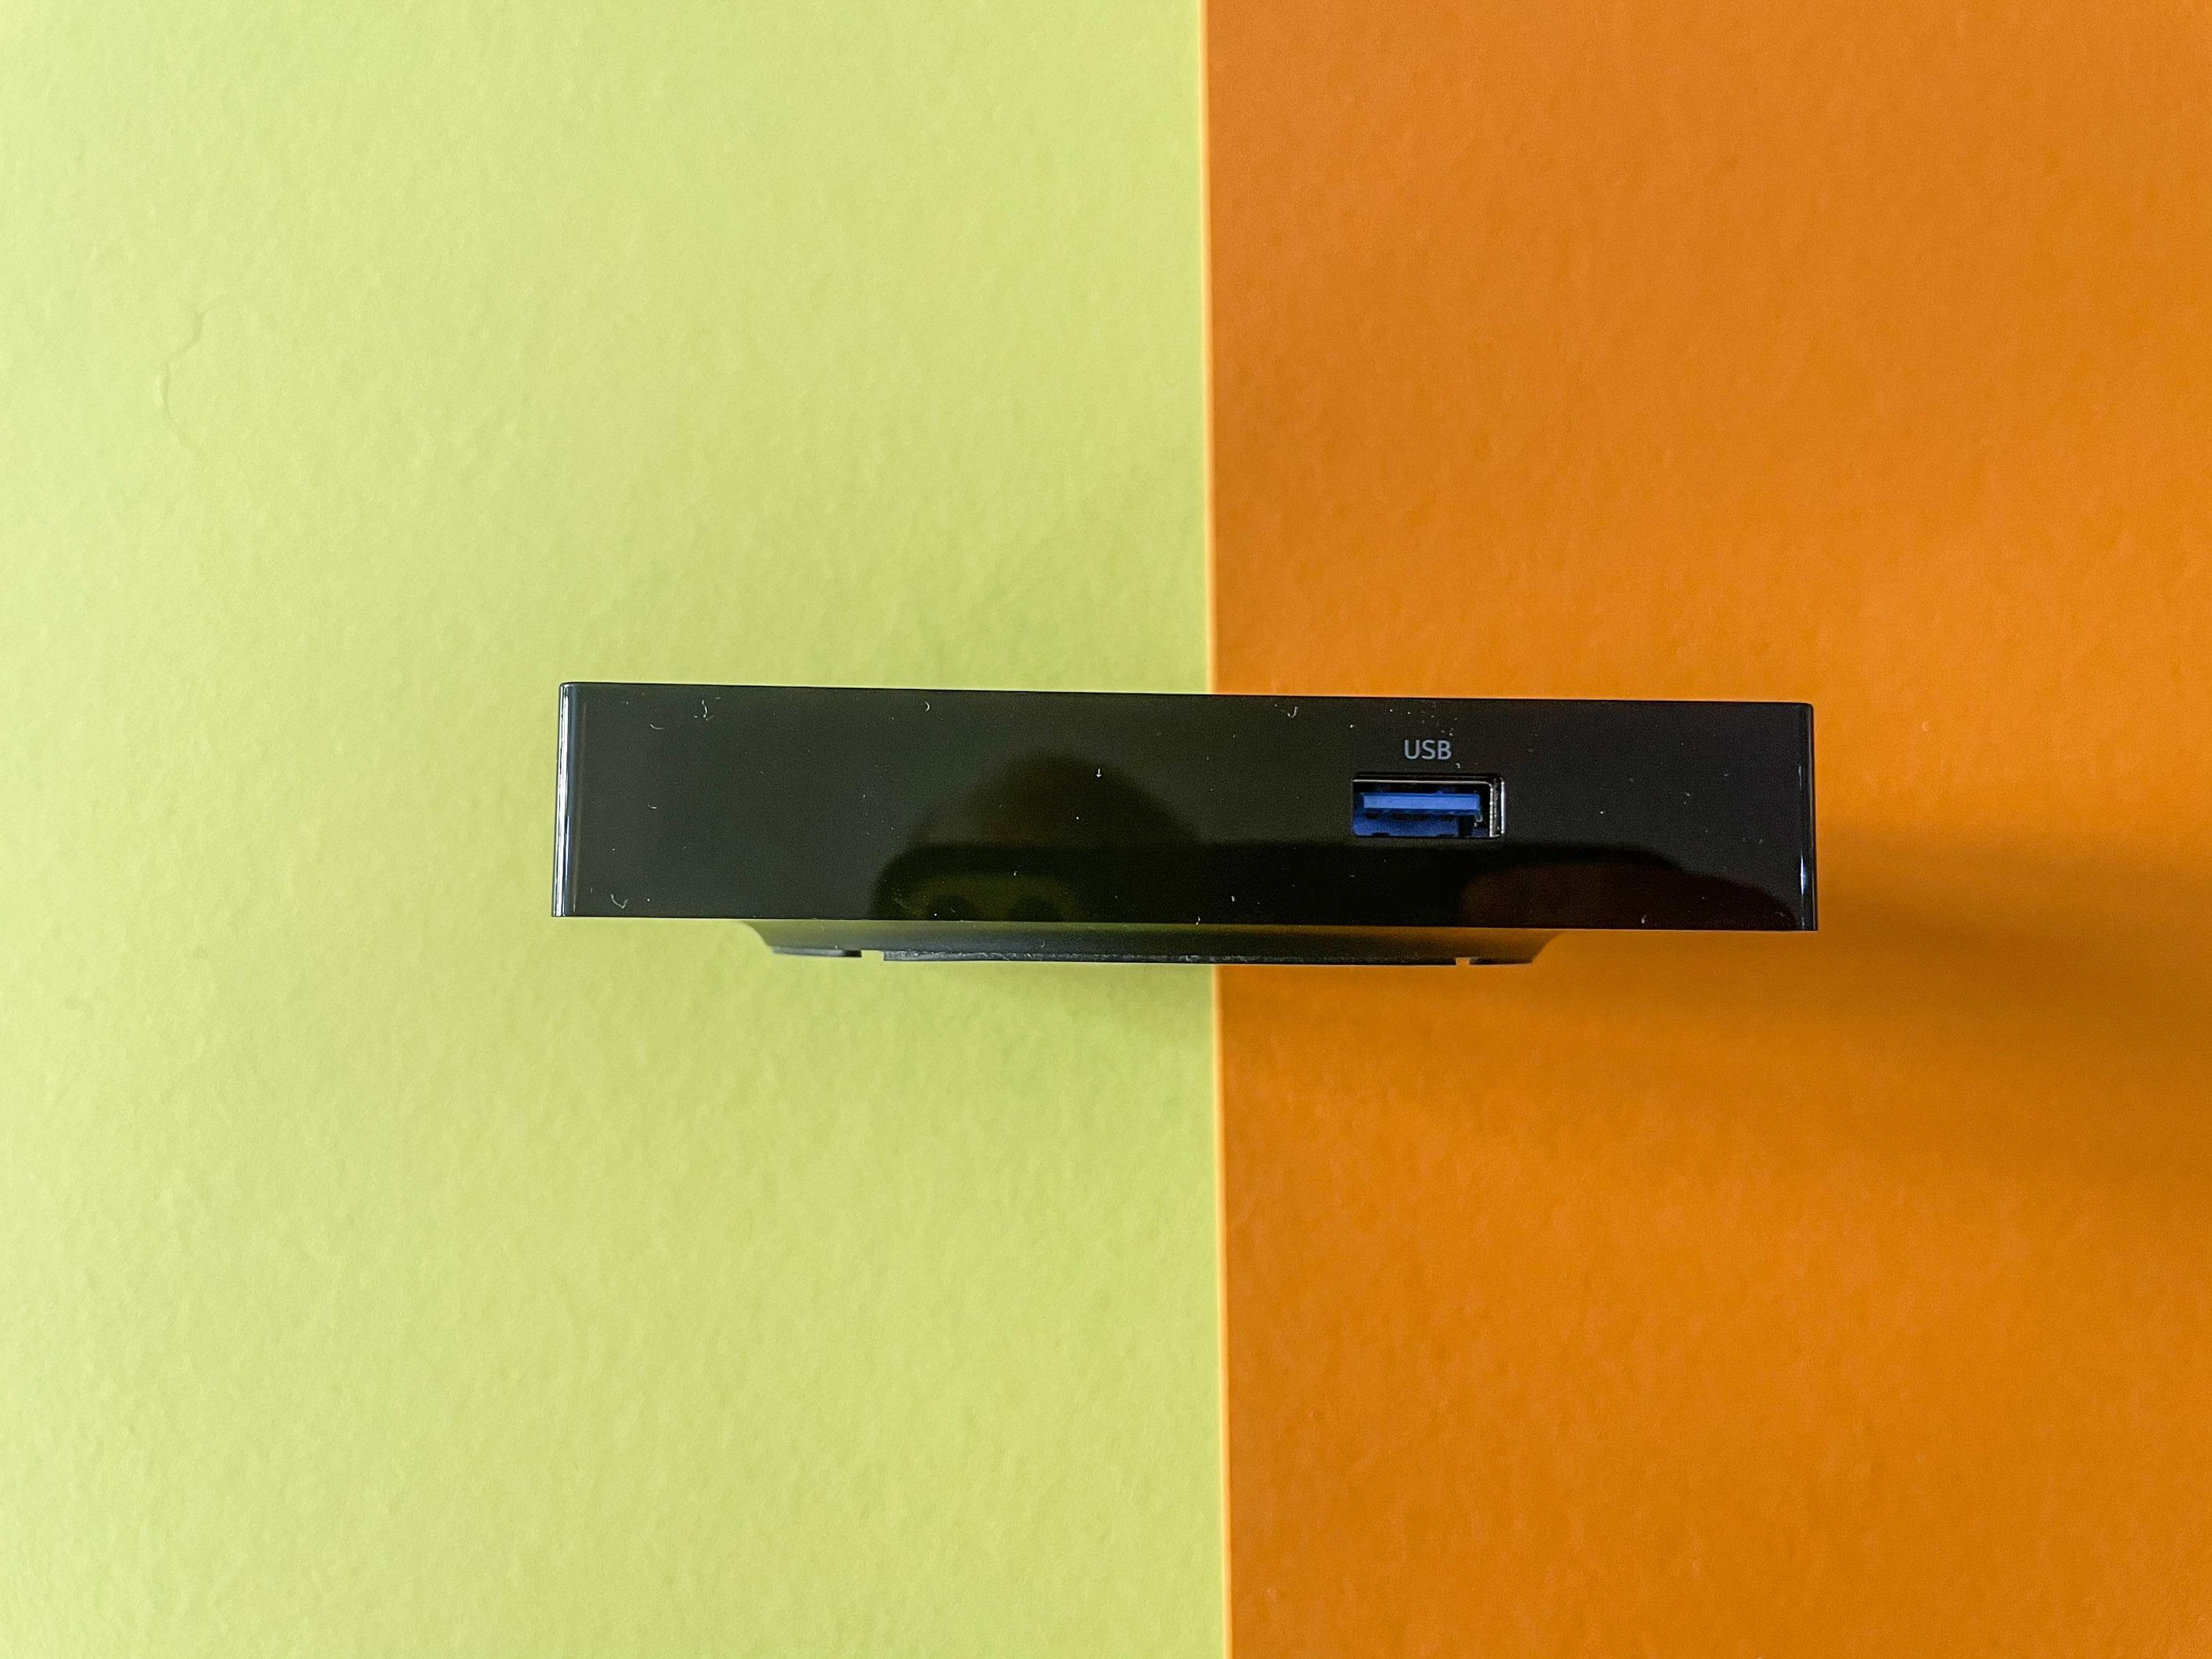 Android-TV-Geräte im Vergleichstest: Nokia-Box begeistert, Xiaomi-Stick enttäuscht - Die USB-Buchse befindet sich an der Seite der Streaiming Box 8000 (Bild: Ingo Pakalski/Golem.de)